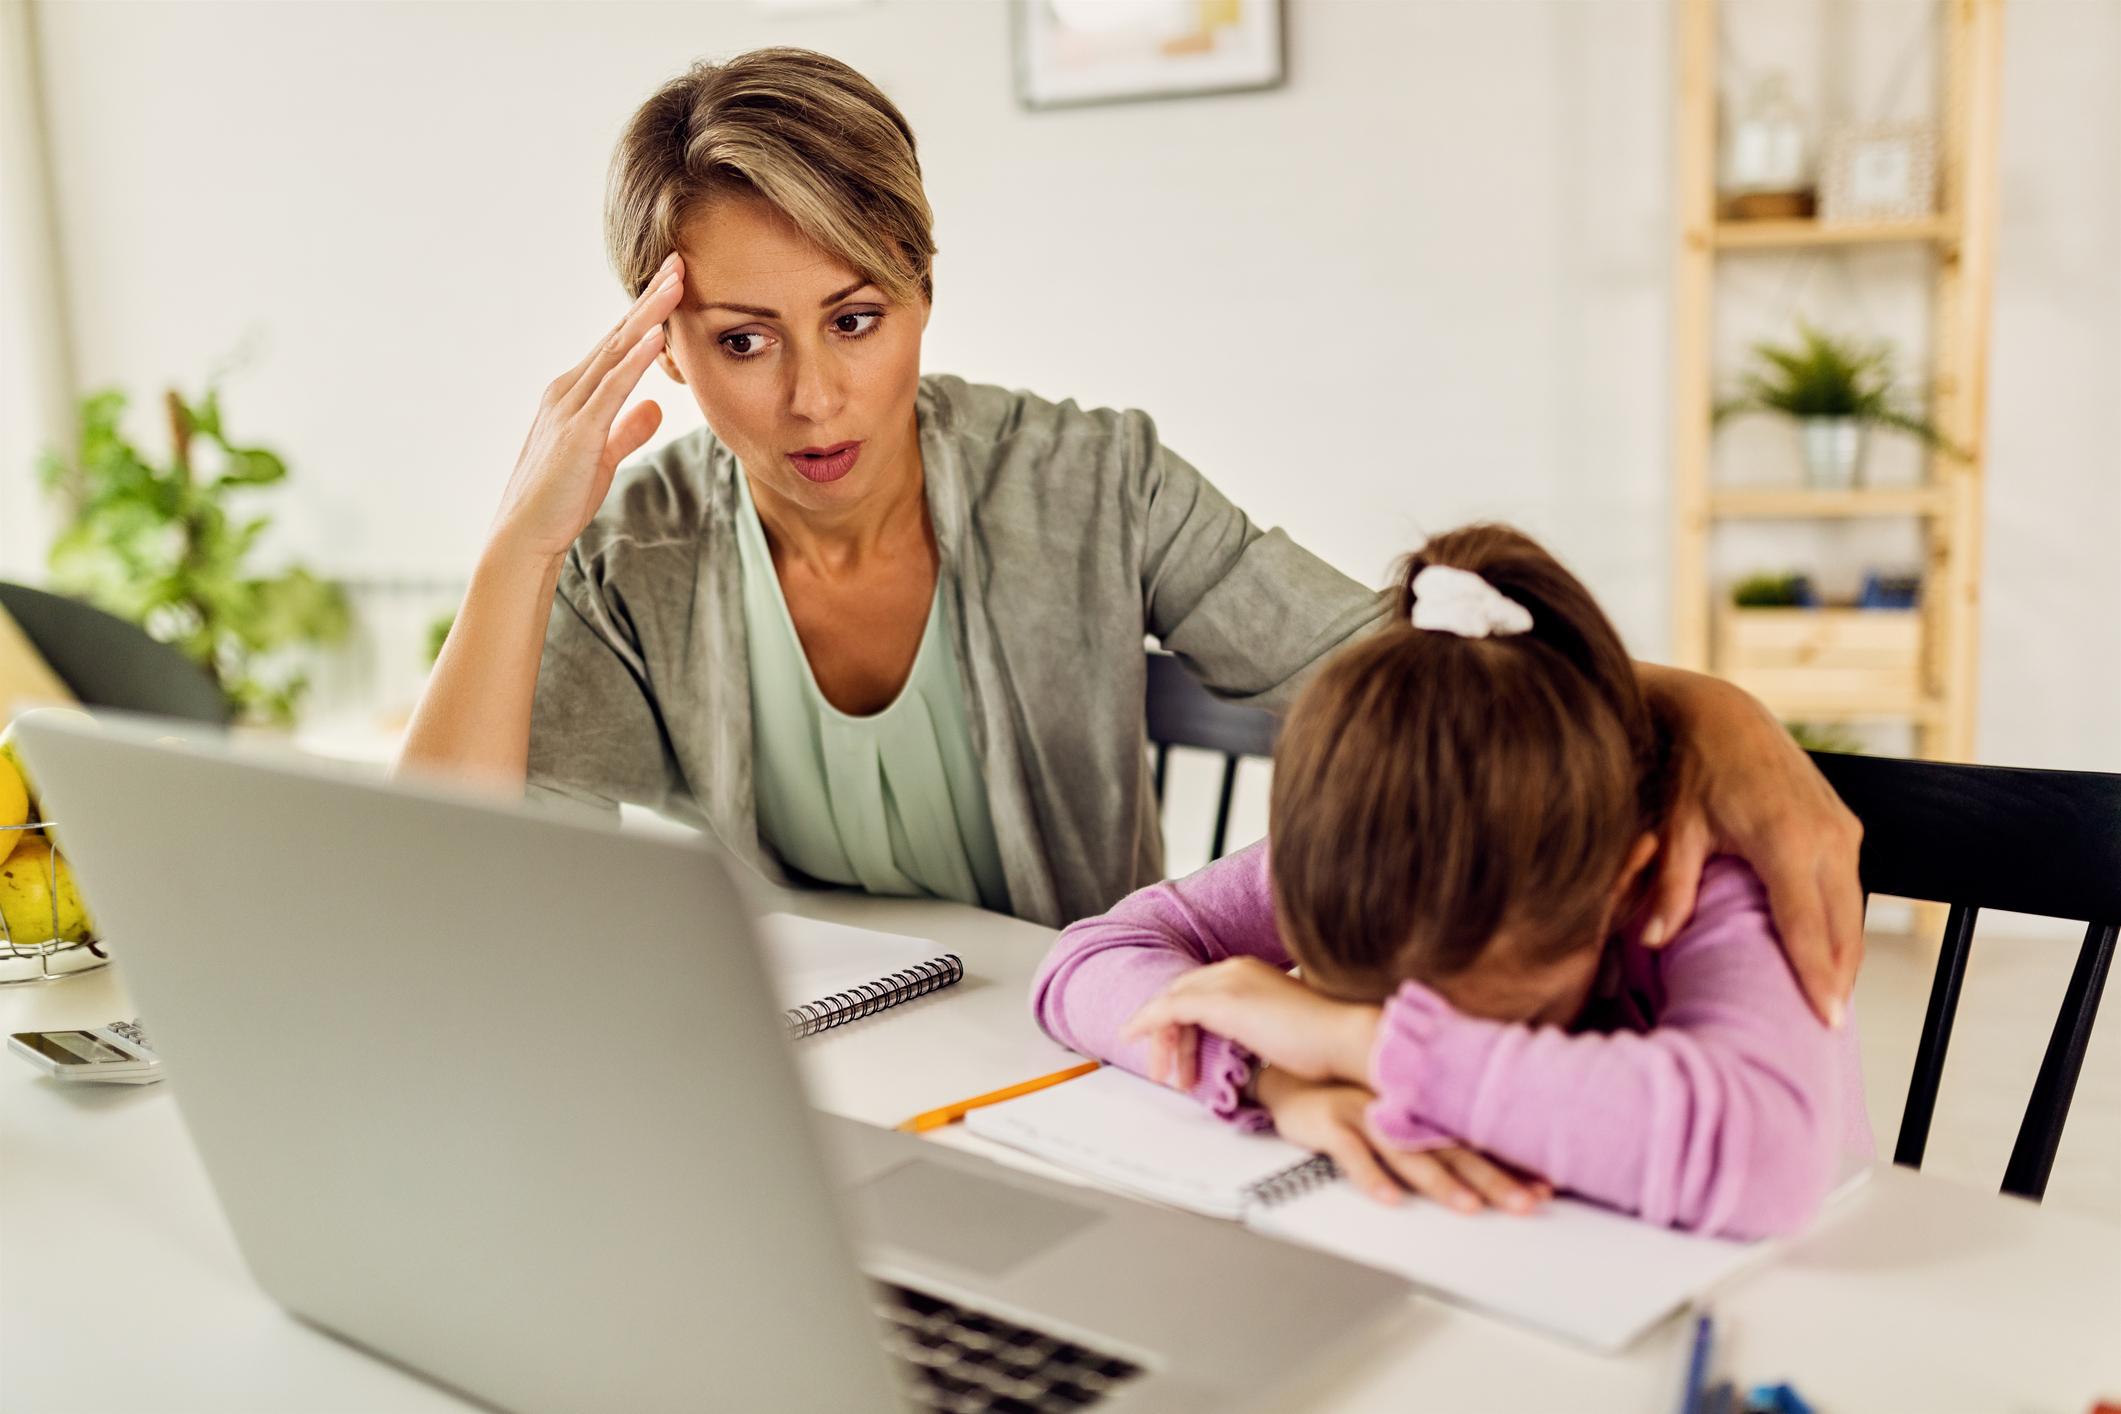 Как ще компенсират родителите в неплатен отпуск заради онлайн обучението на децата